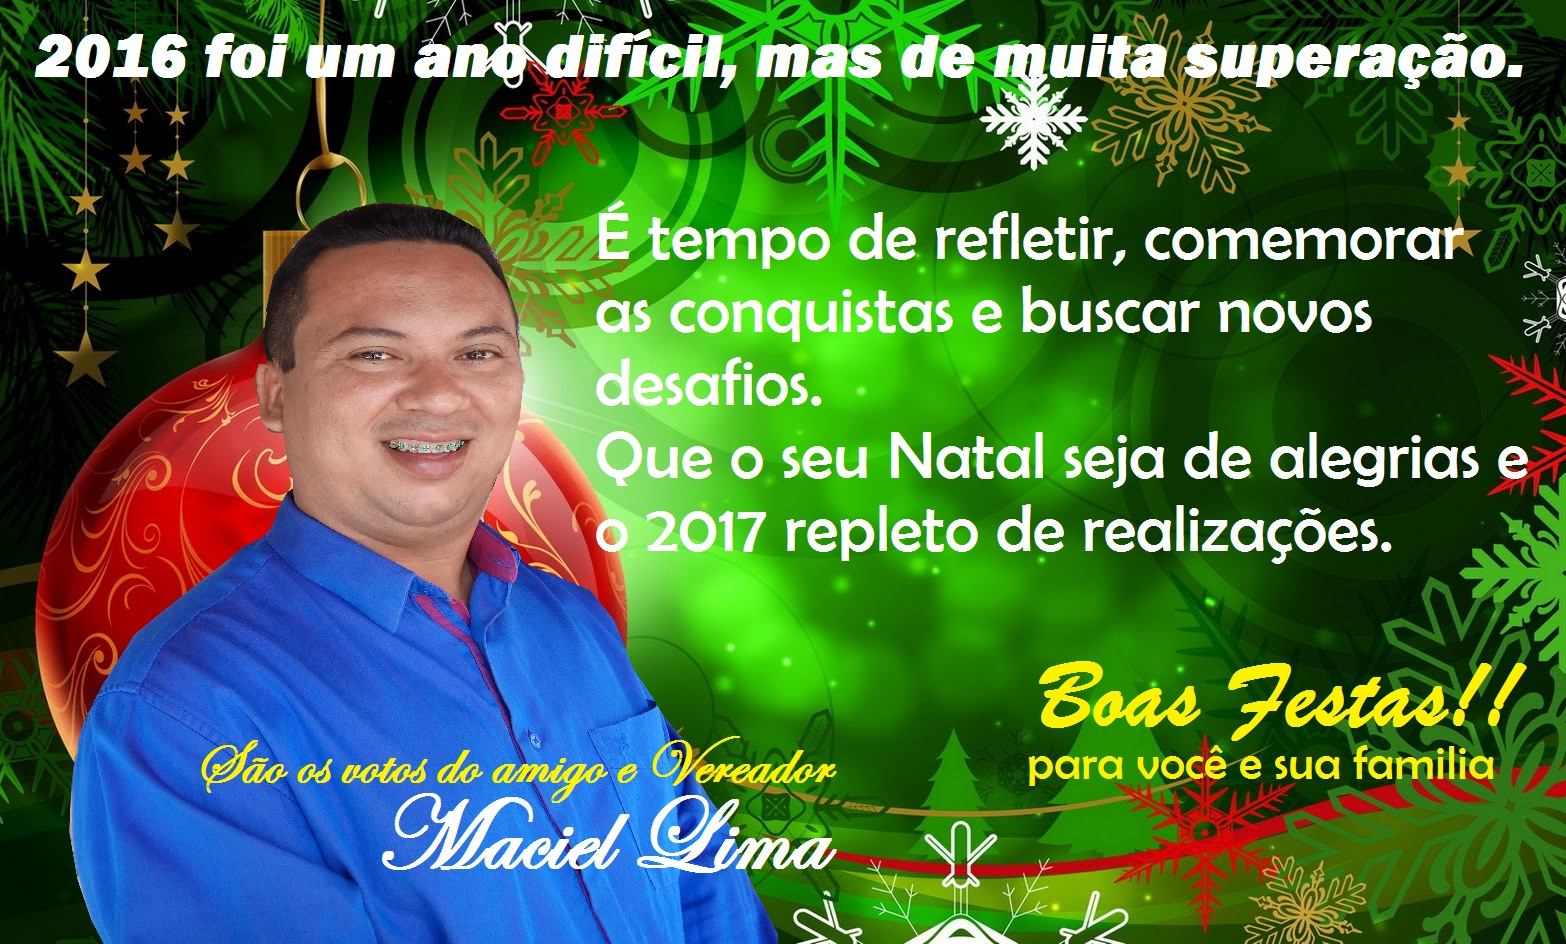 Mensagem de natal do vereador eleito, Maciel Lima